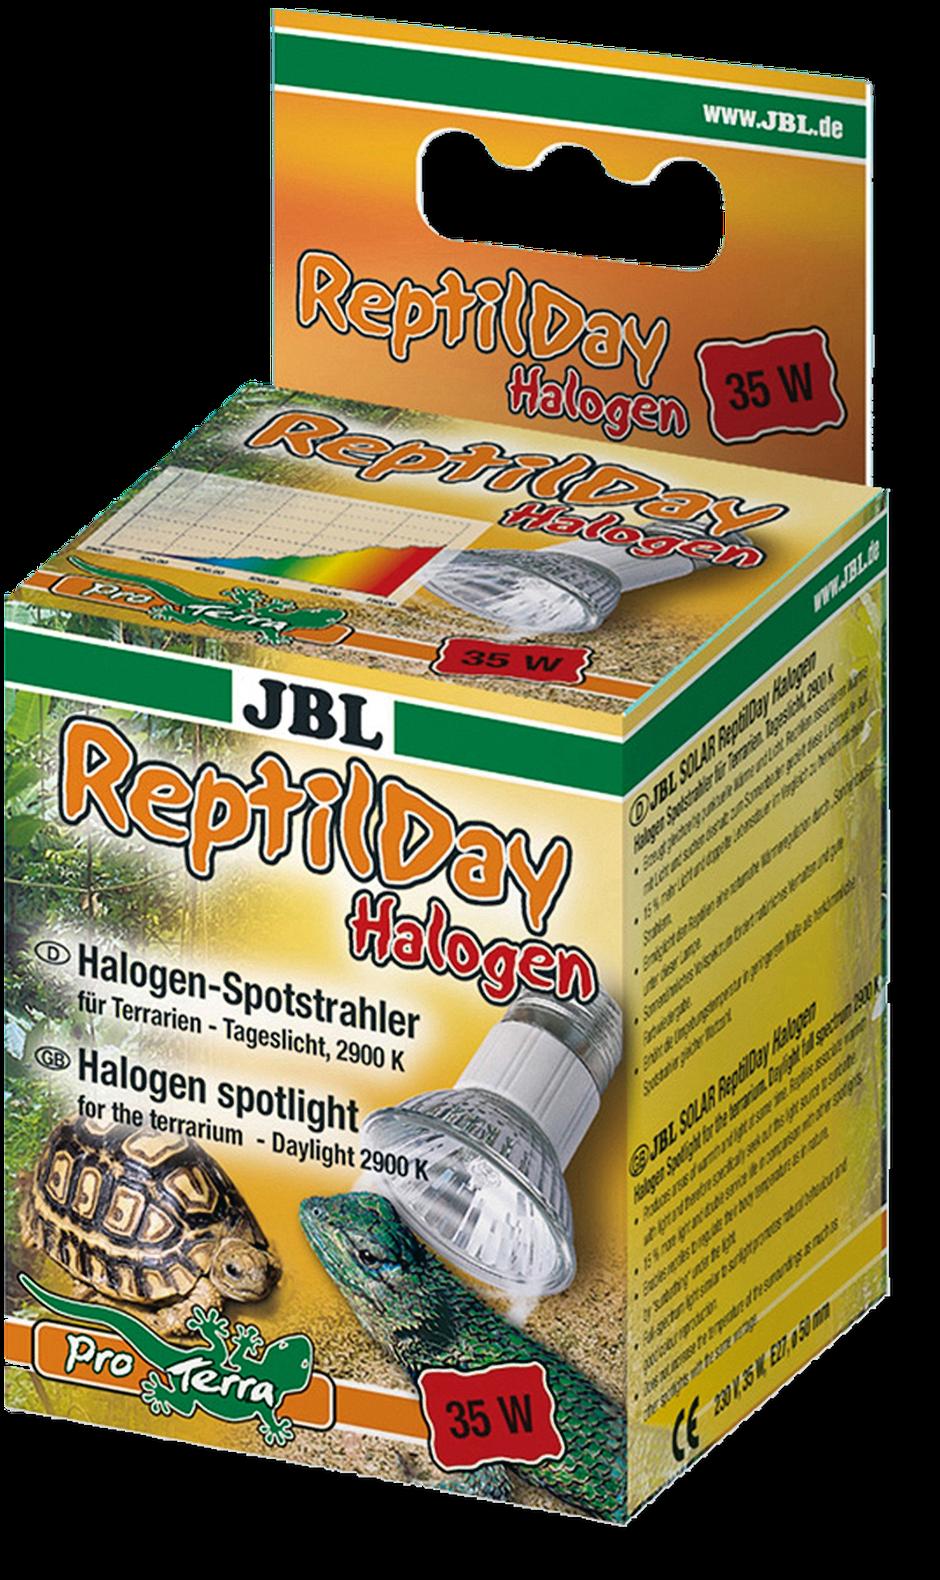 JBL ReptilDay Halogen 75 W